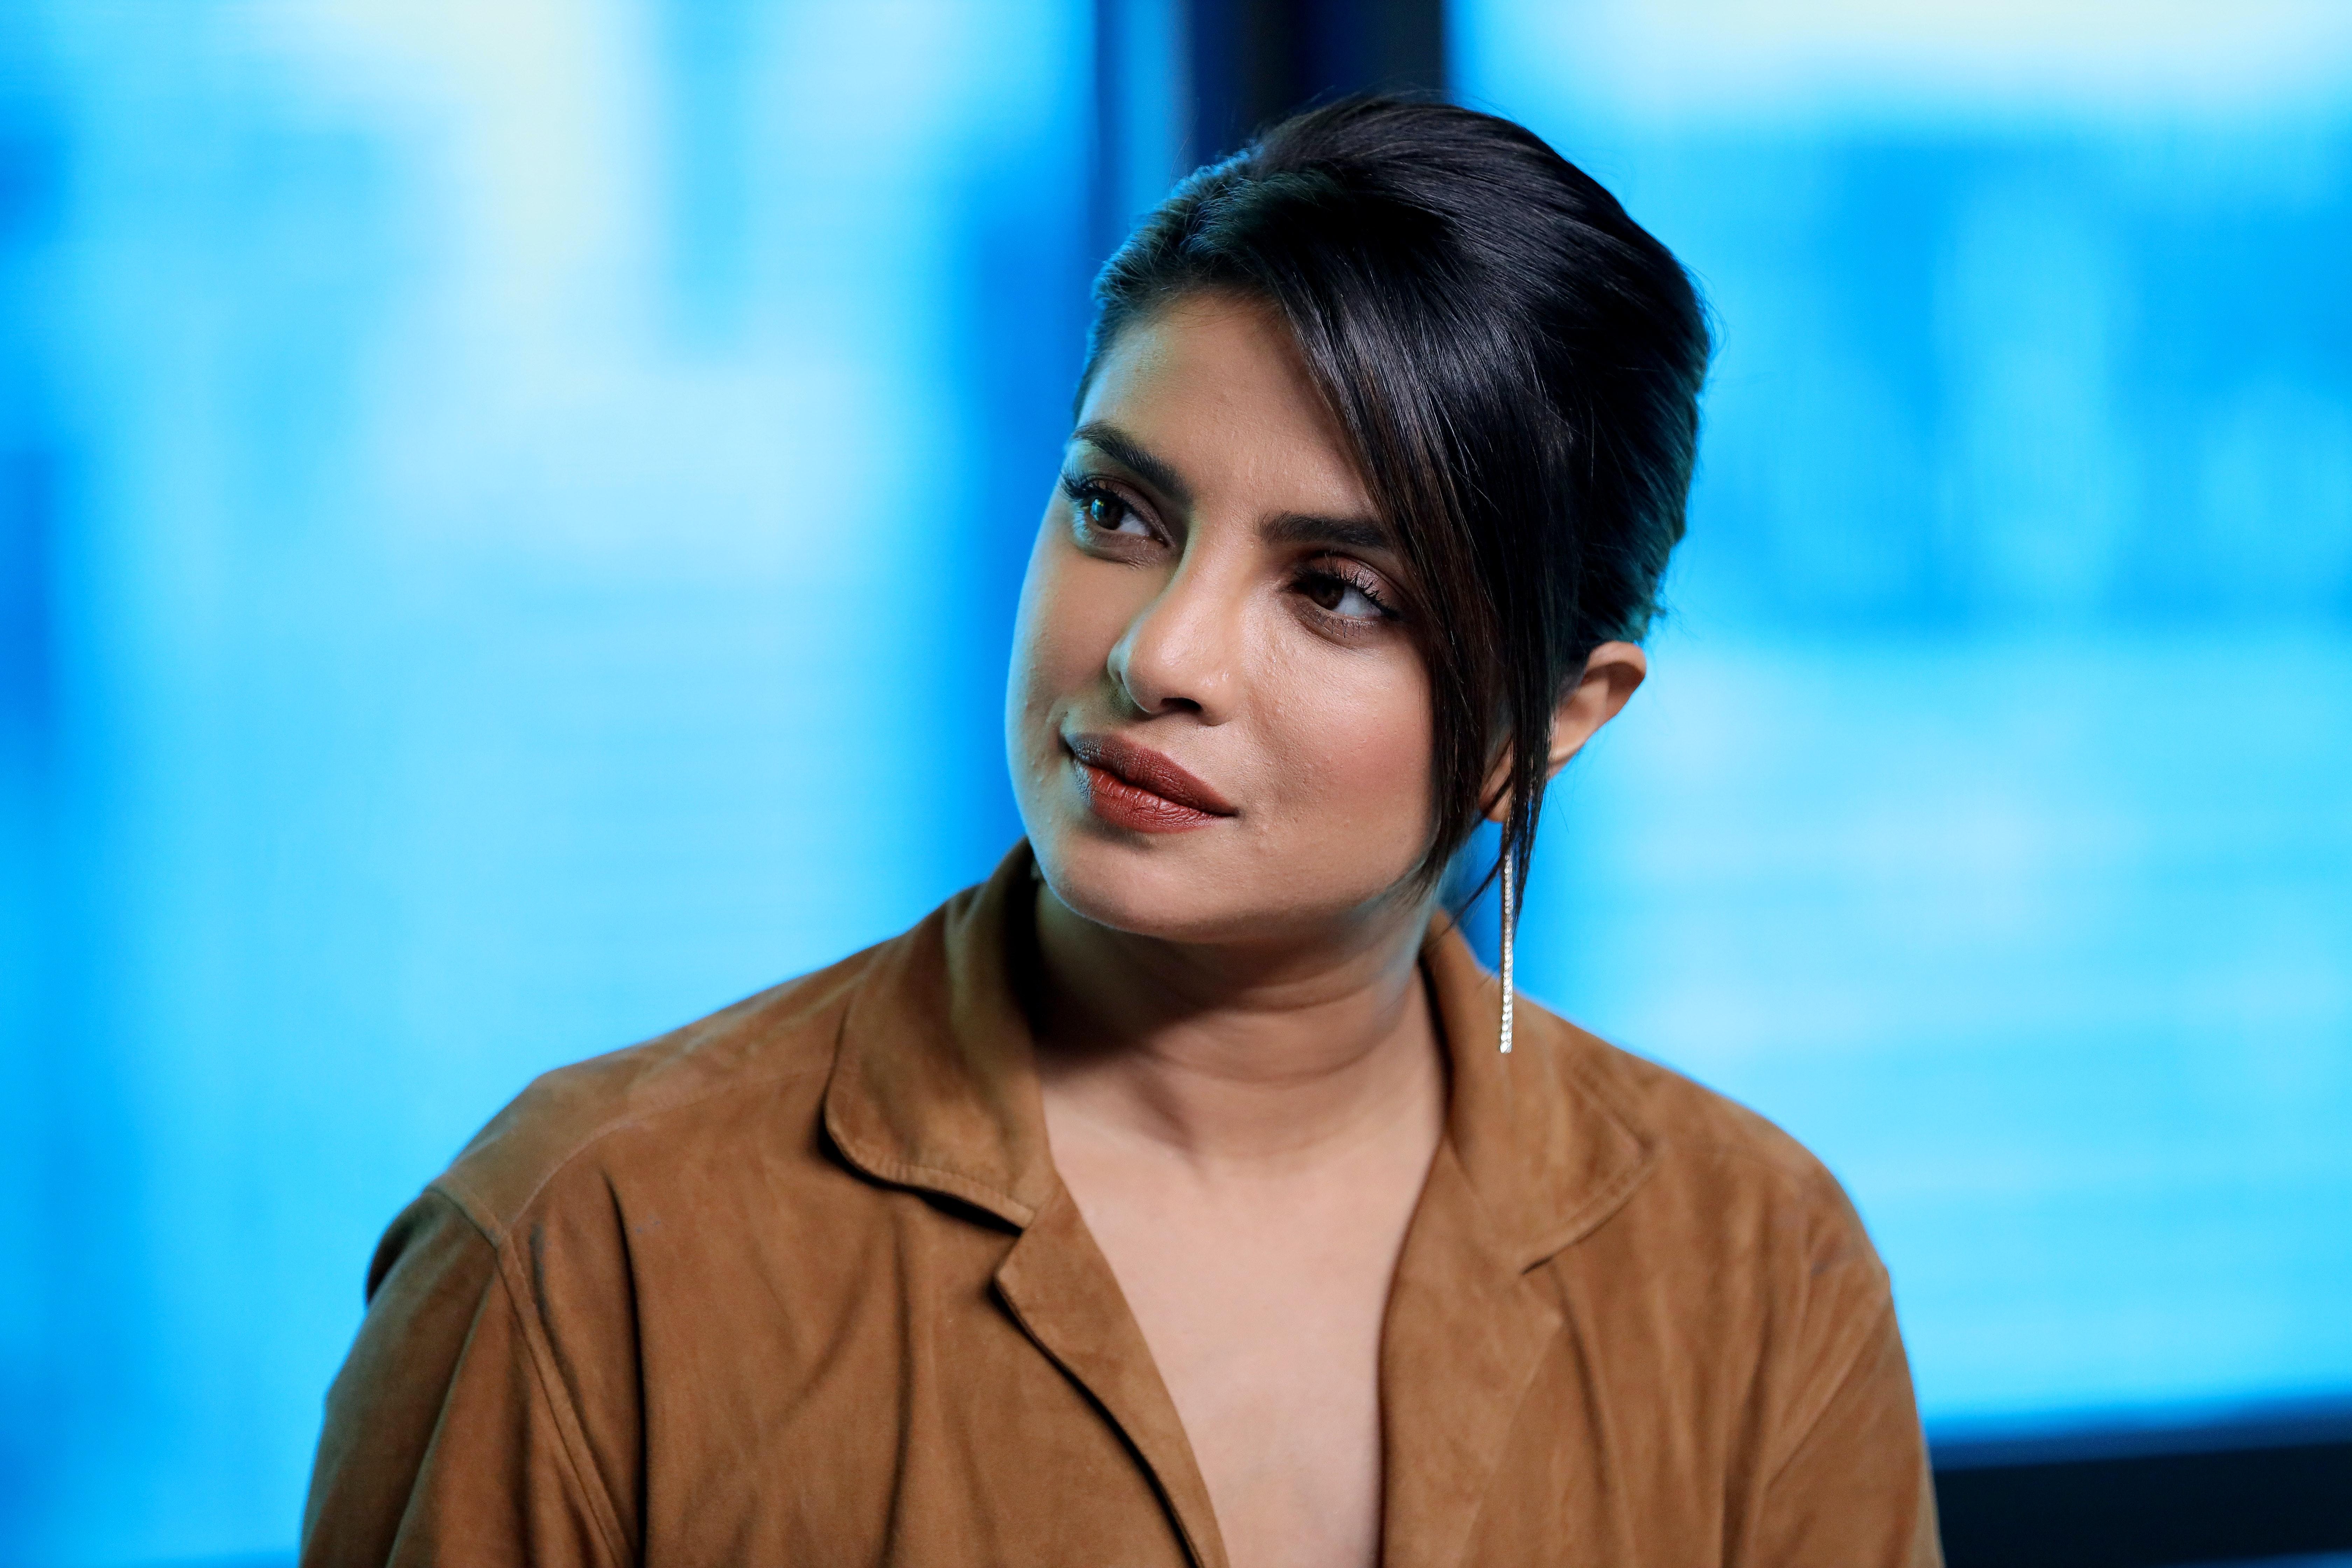 Priyanka Chopra S Dark Brunette Bob Is A Chic And Subtle Change